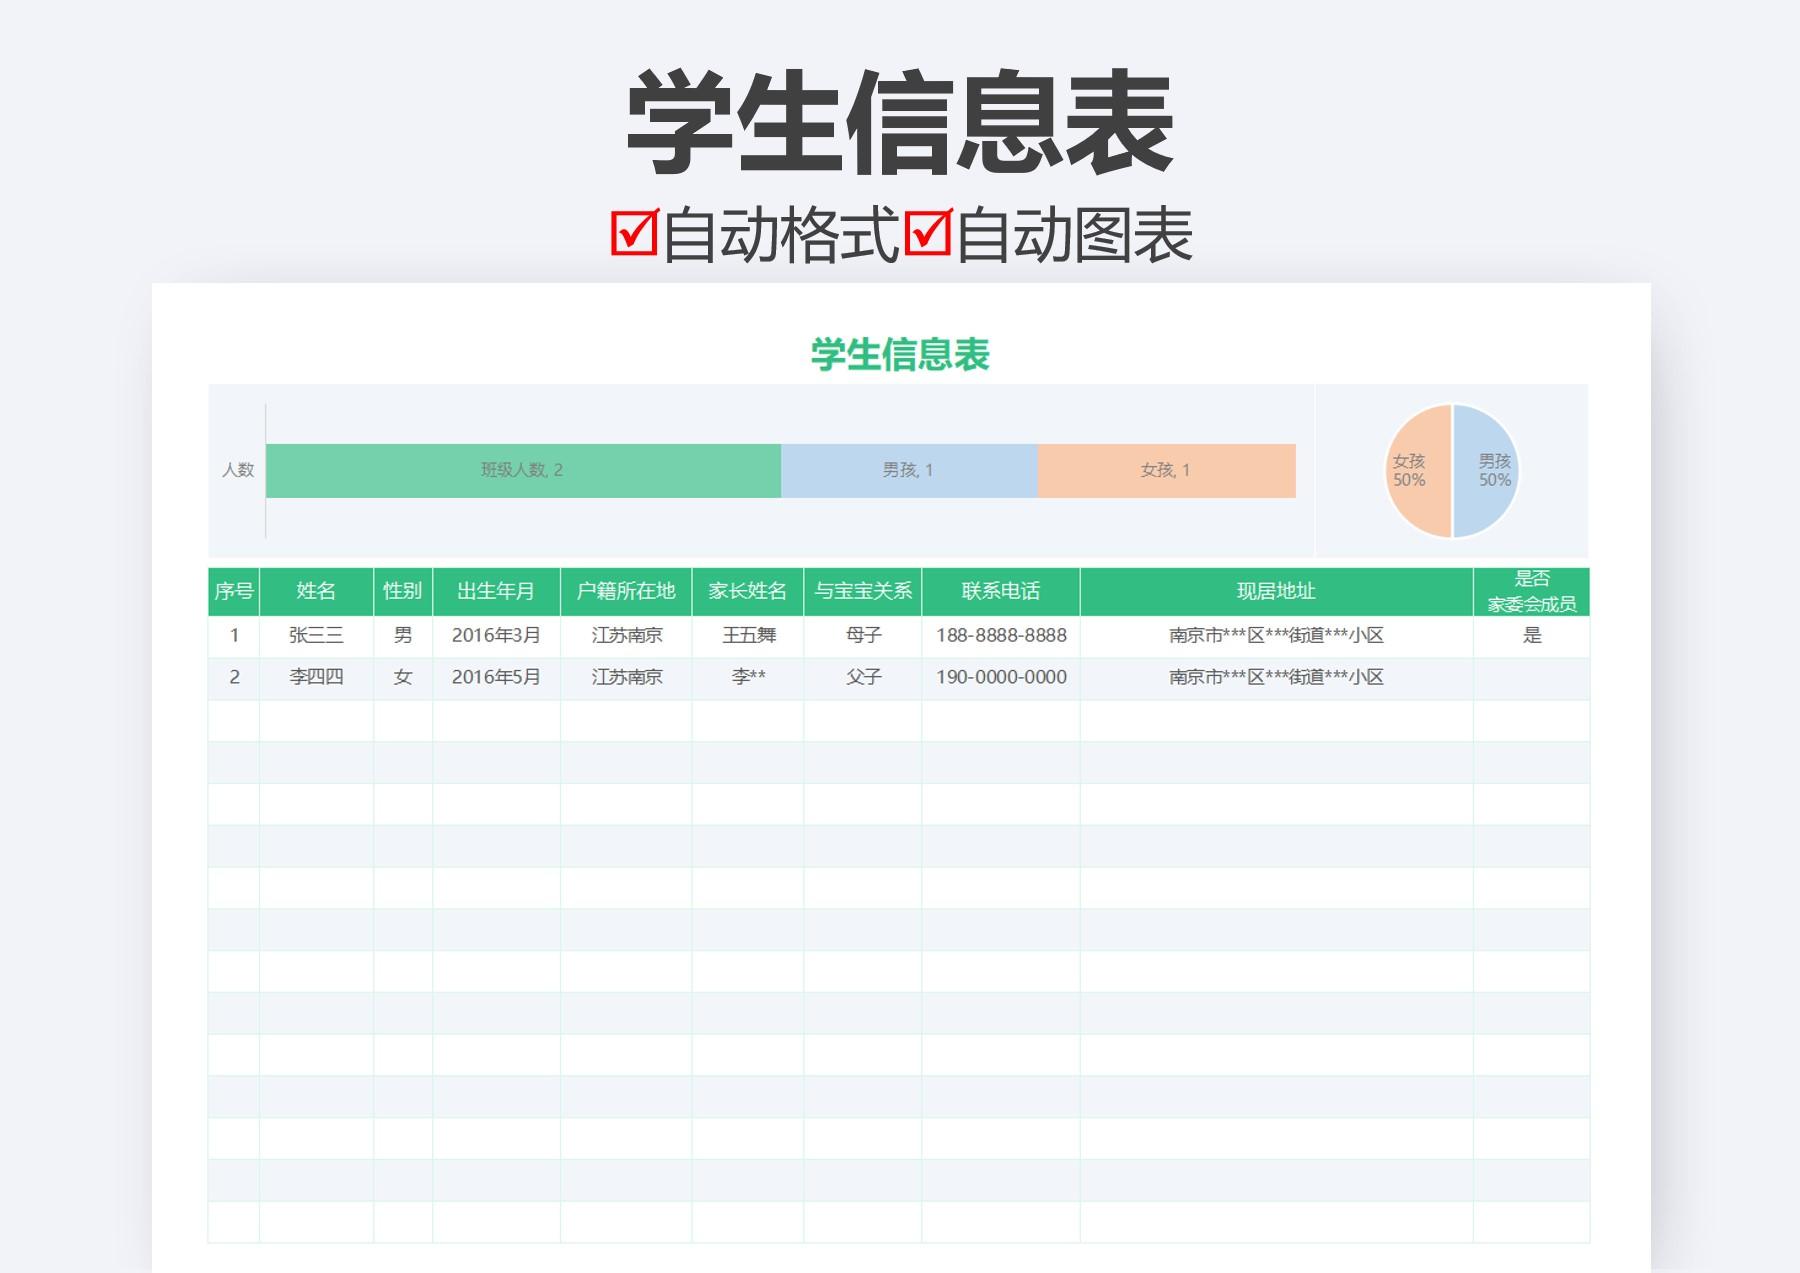 学生信息表.xlsx